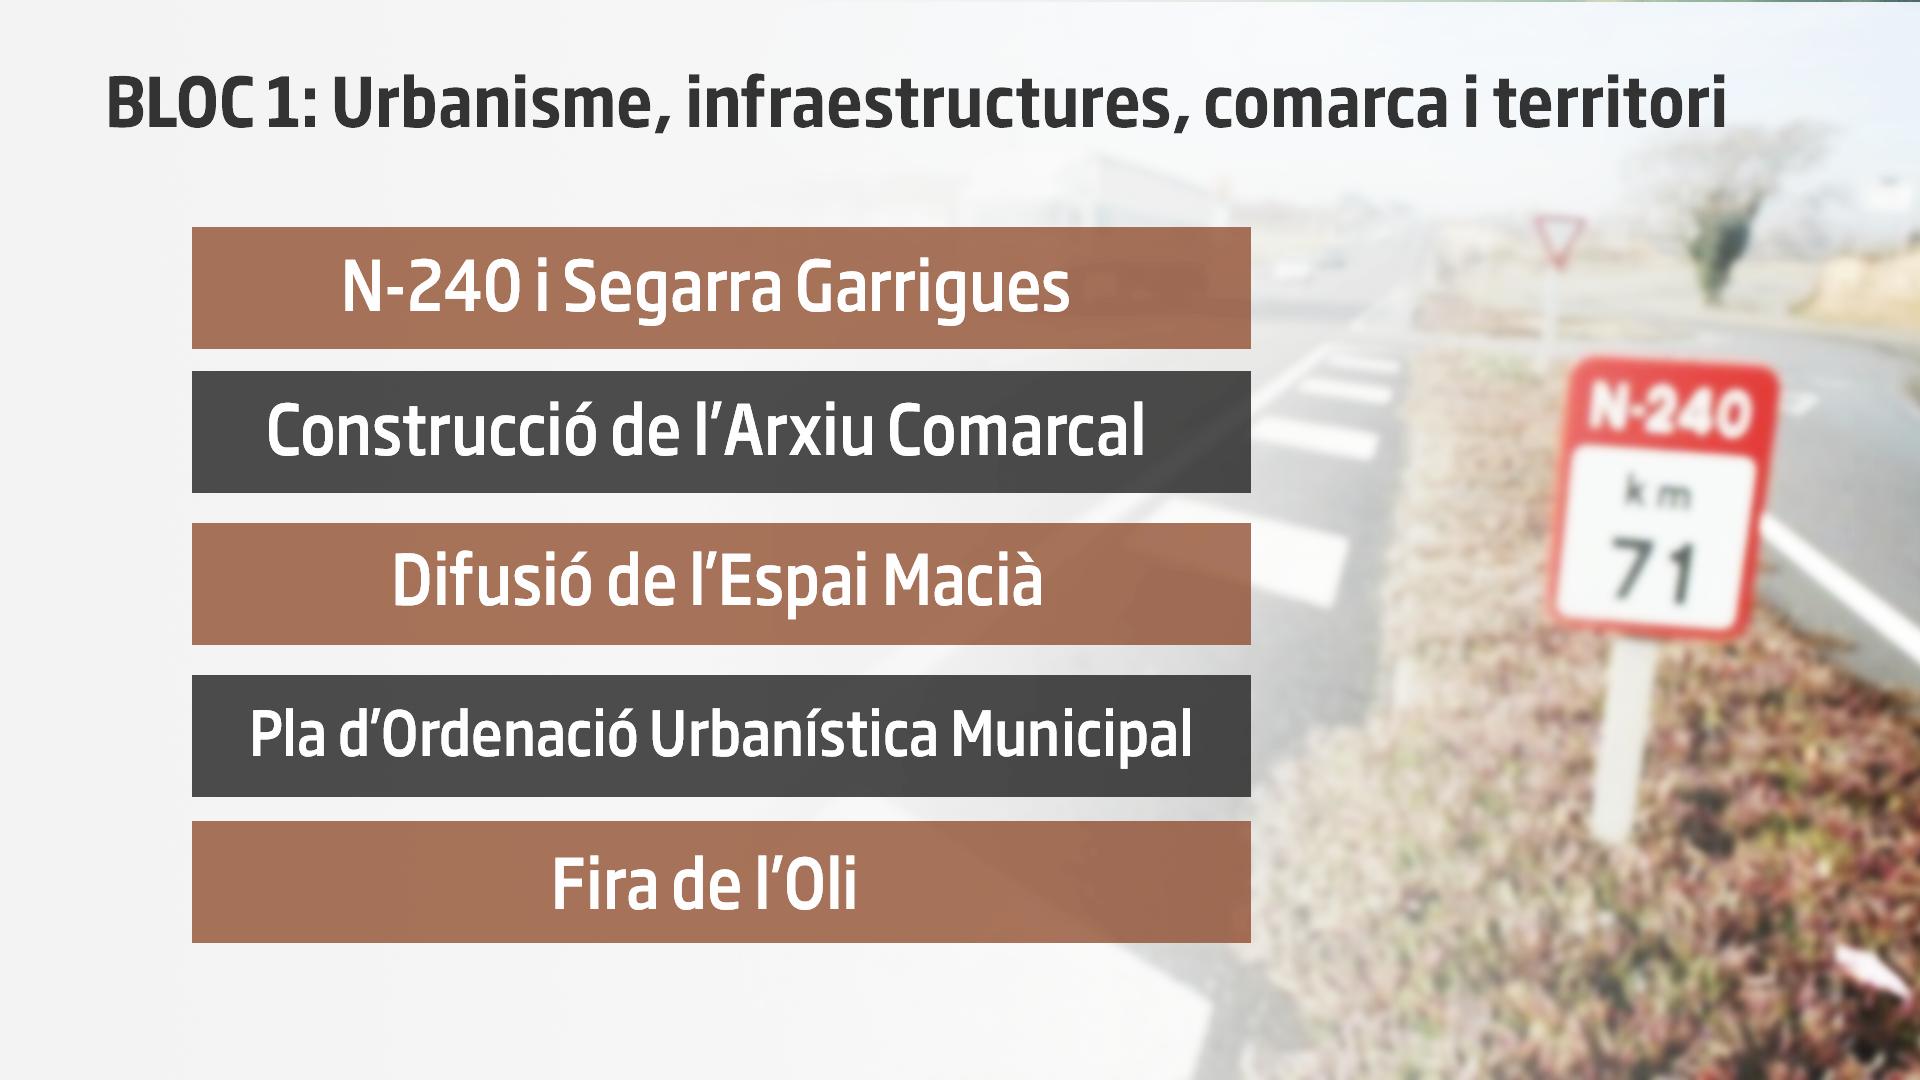 BLOC 1: Urbanisme, infraestructures, comarca i territori